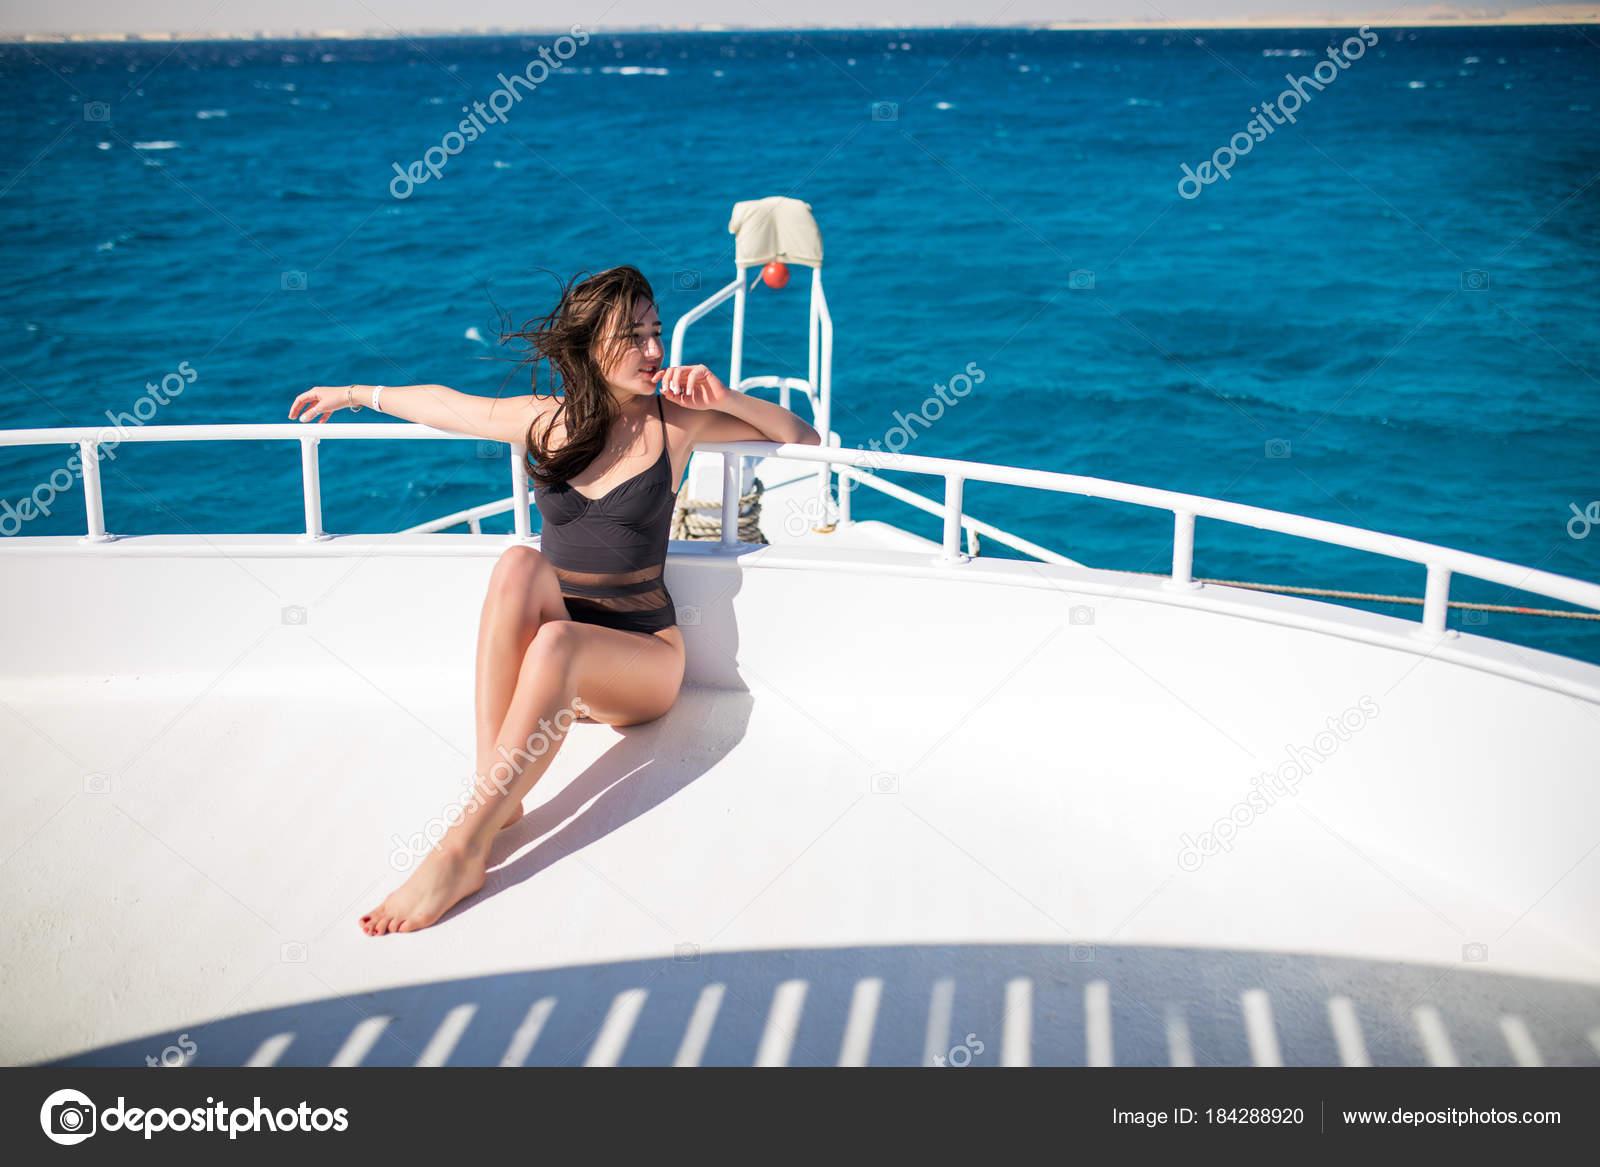 ca0d1879419 Νέοι σέξι γυναίκα χαλαρώσουν σκάφος στη θάλασσα. Όμορφη ...